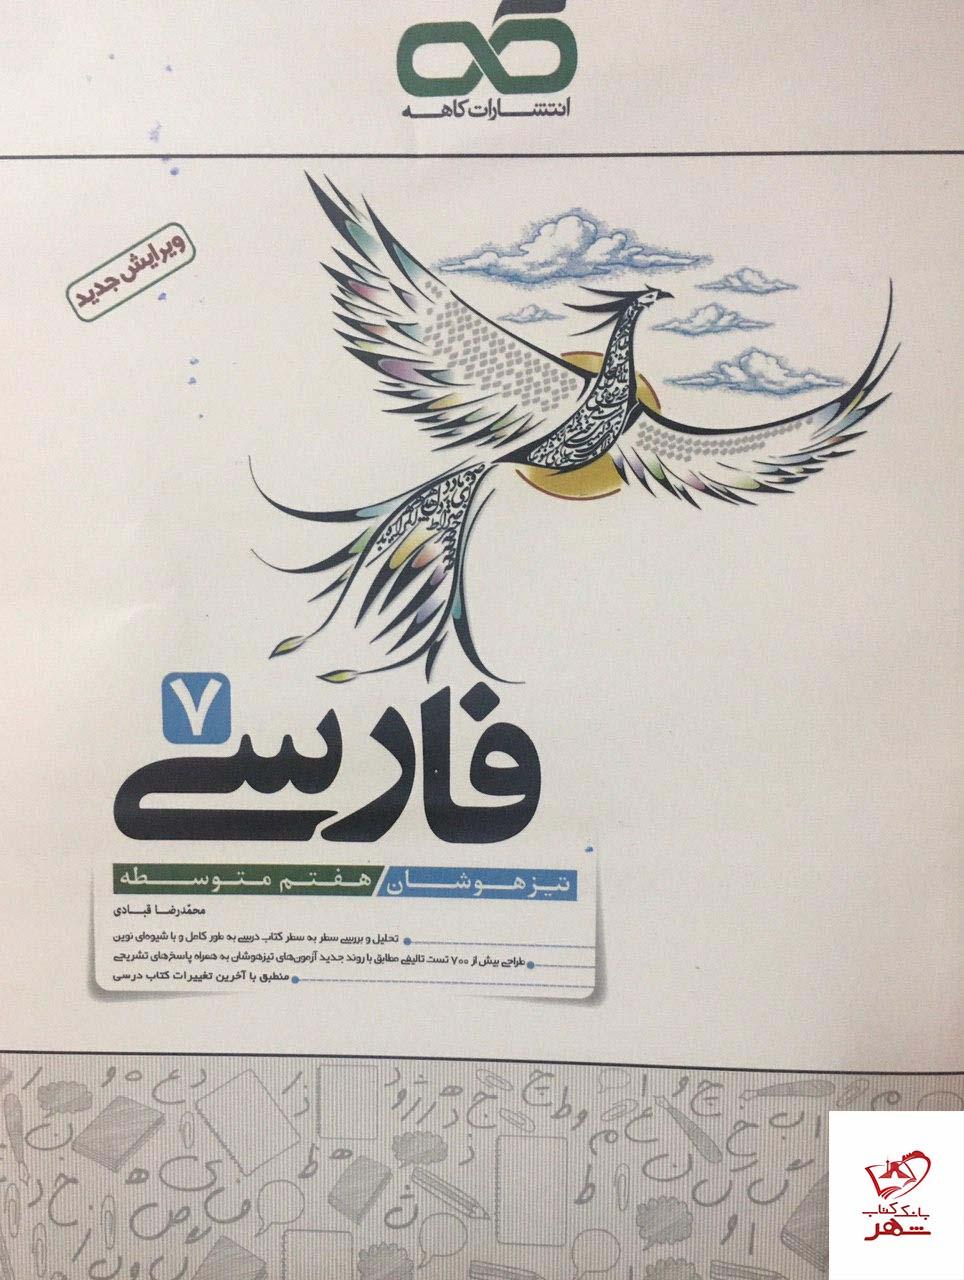 خرید کتاب فارسی هفتم تیزهوشان کاهه